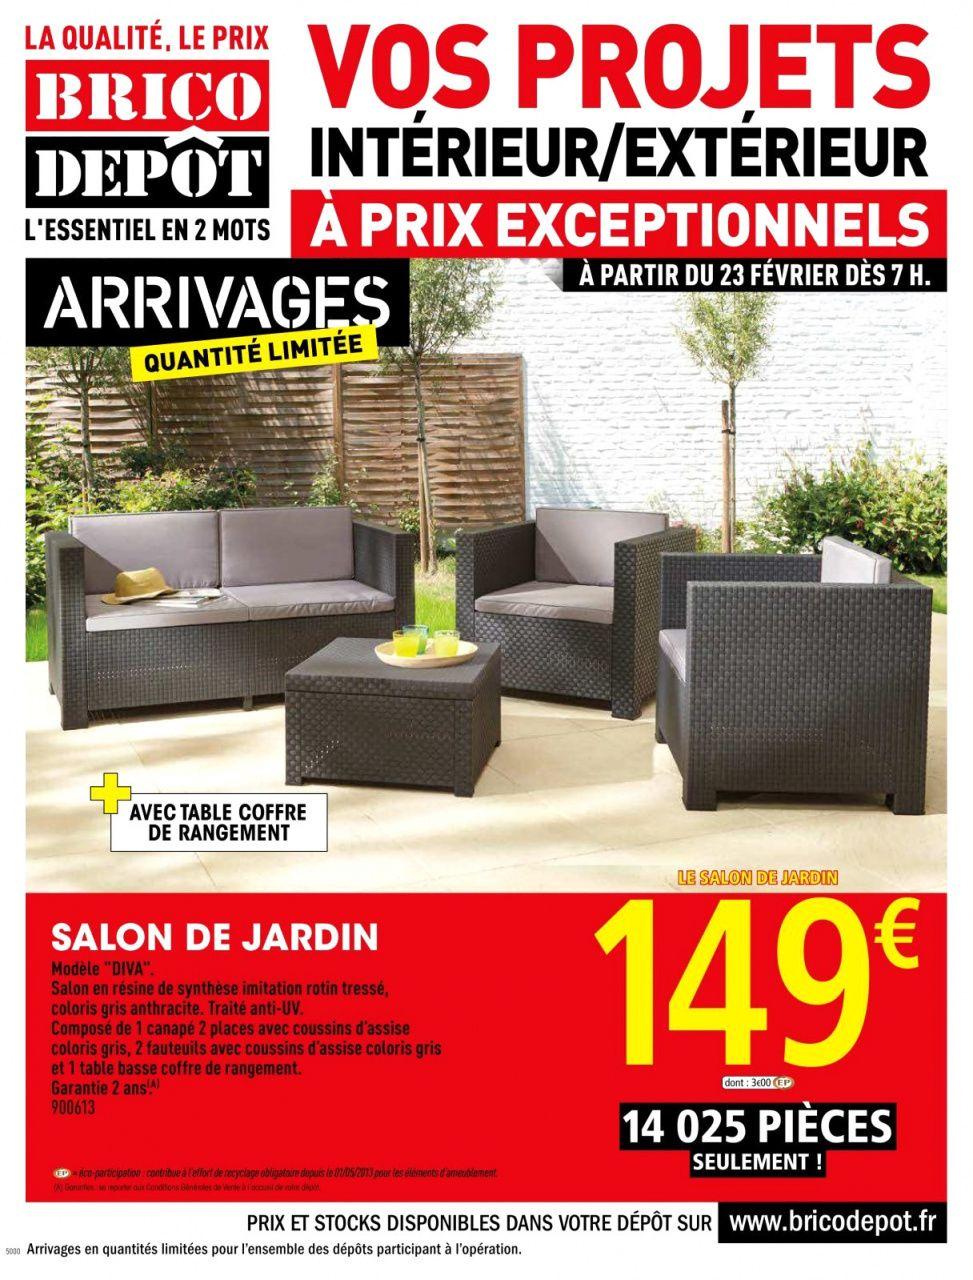 70 Salon De Jardin Allibert Brico Depot   Outdoor Furniture ... intérieur Salon De Jardin Geant Casino